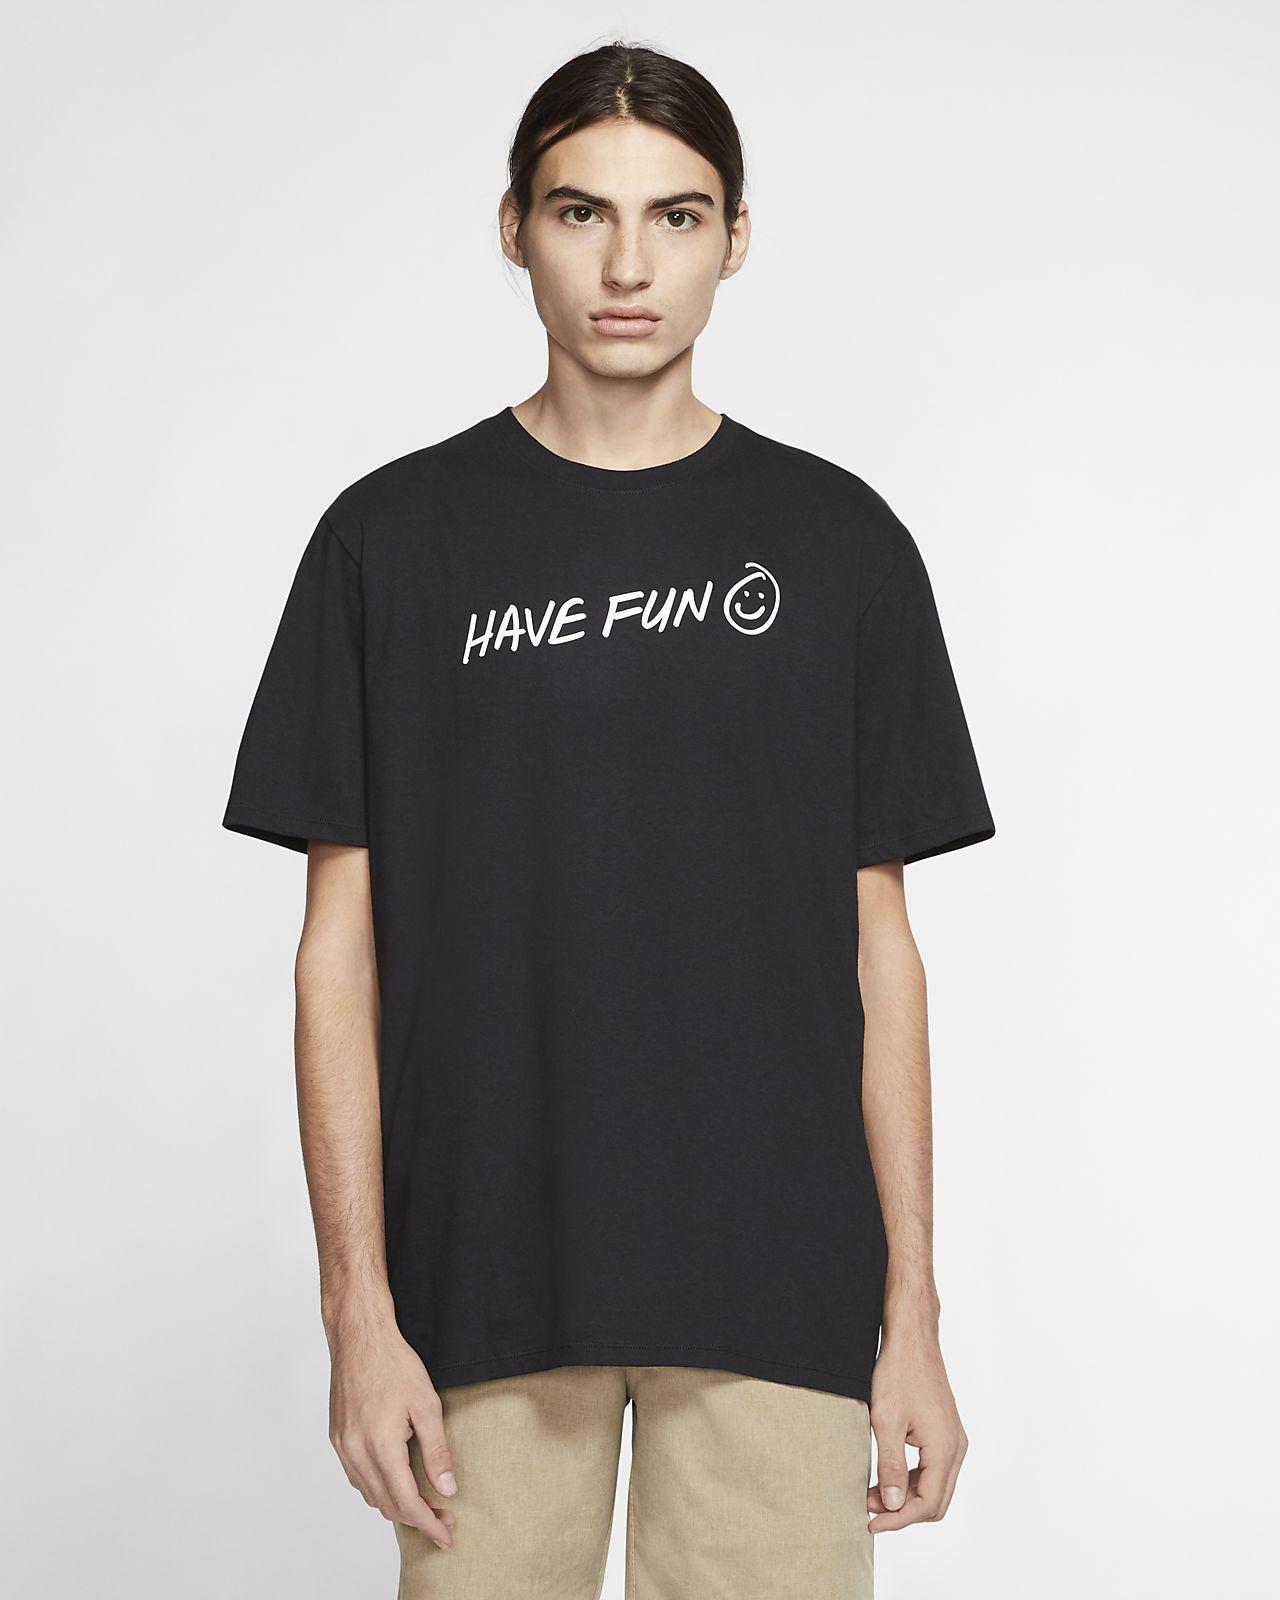 ハーレー プレミアム ハブ ファン メンズ Tシャツ